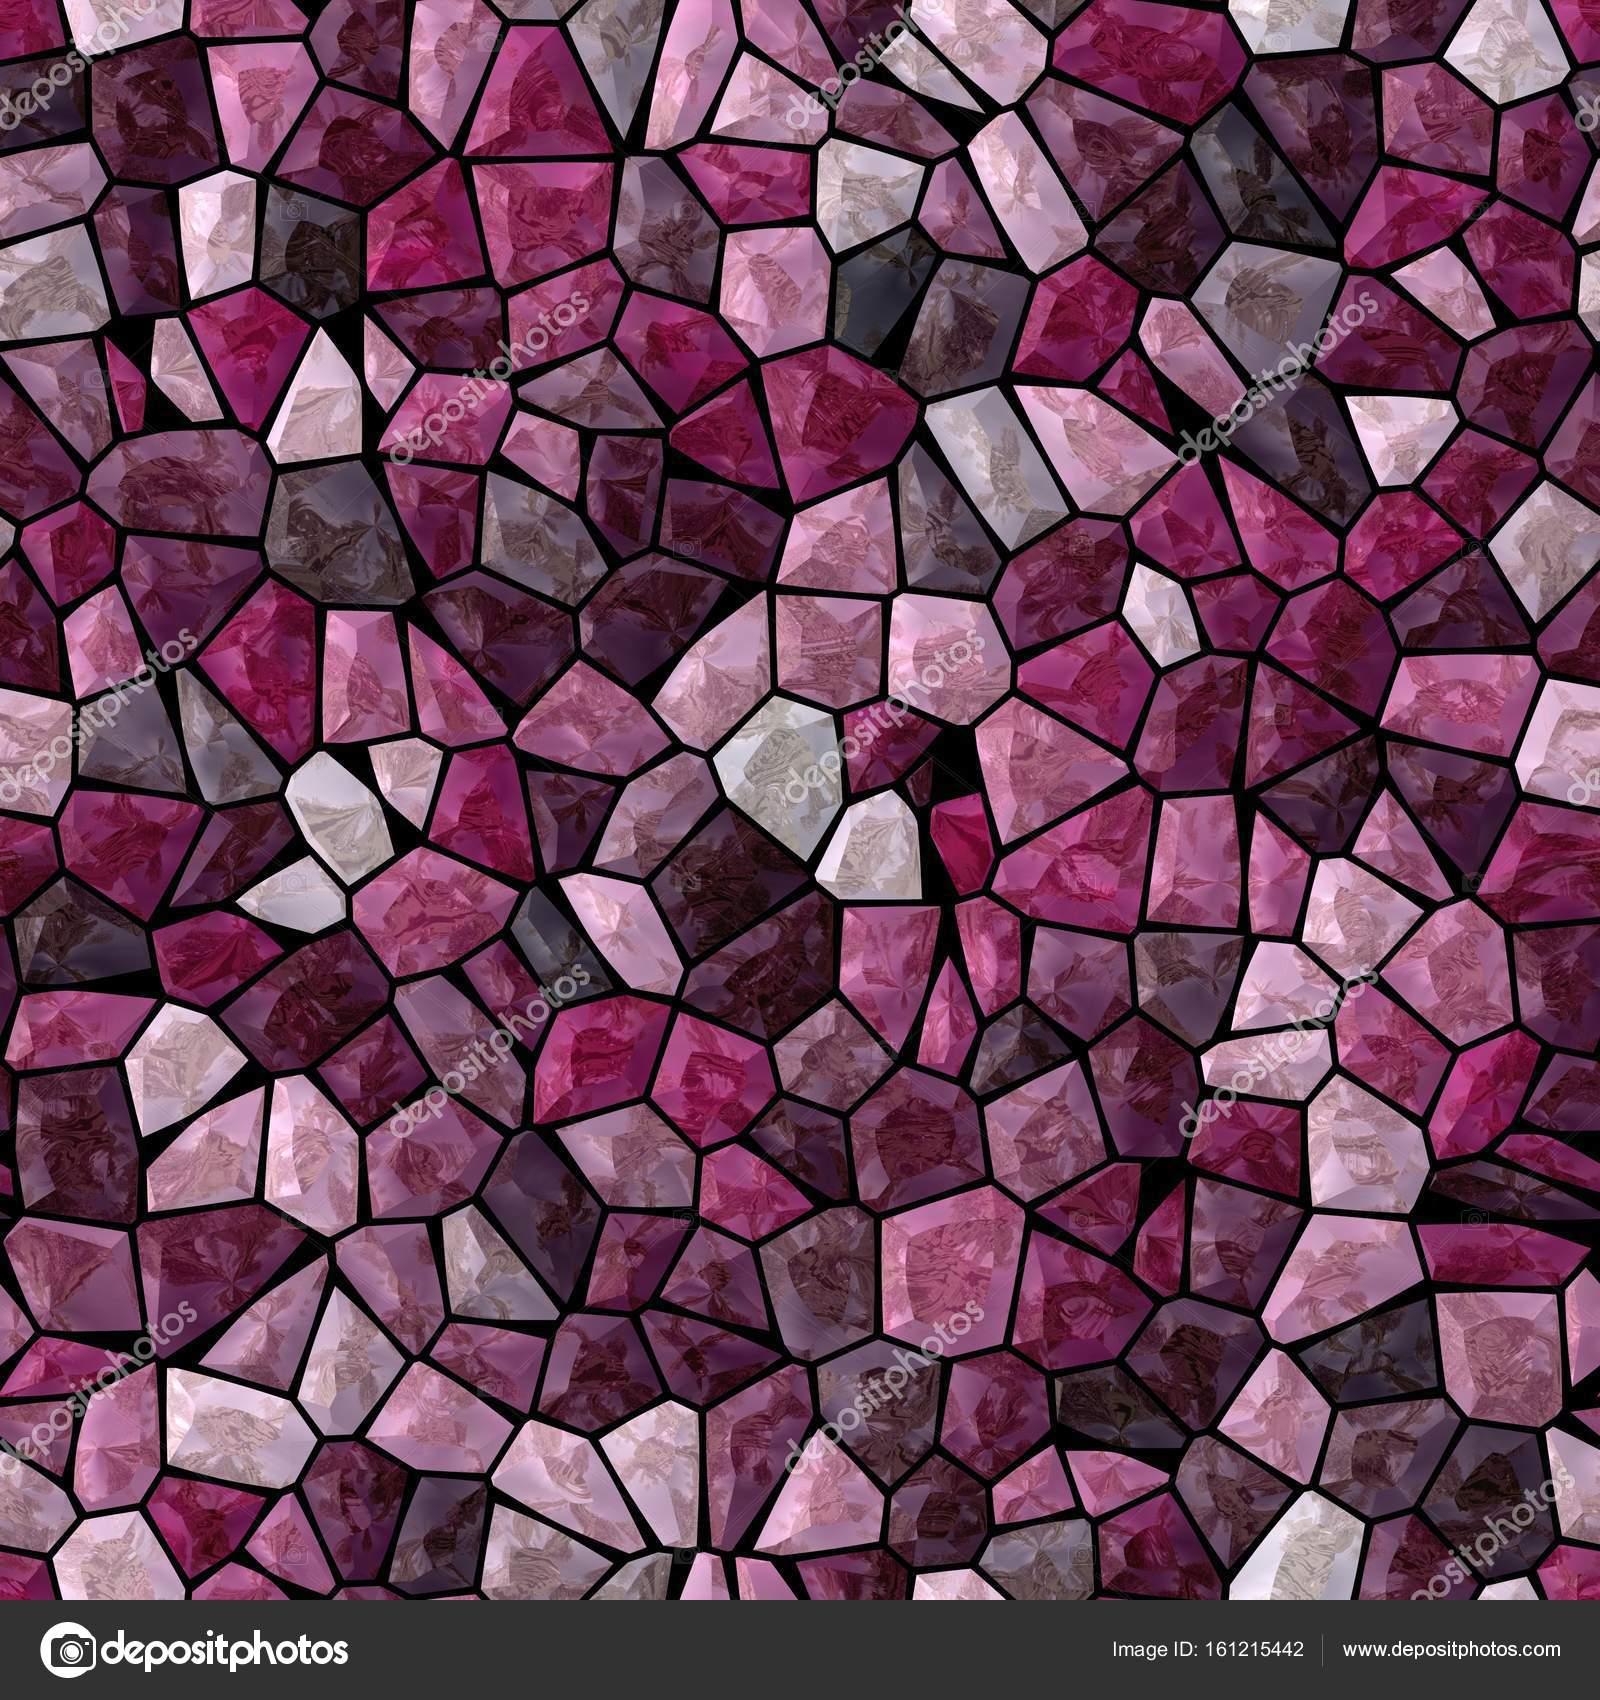 Superficie piso mosaico de m rmol sin fisuras de fondo con for Marmol color morado